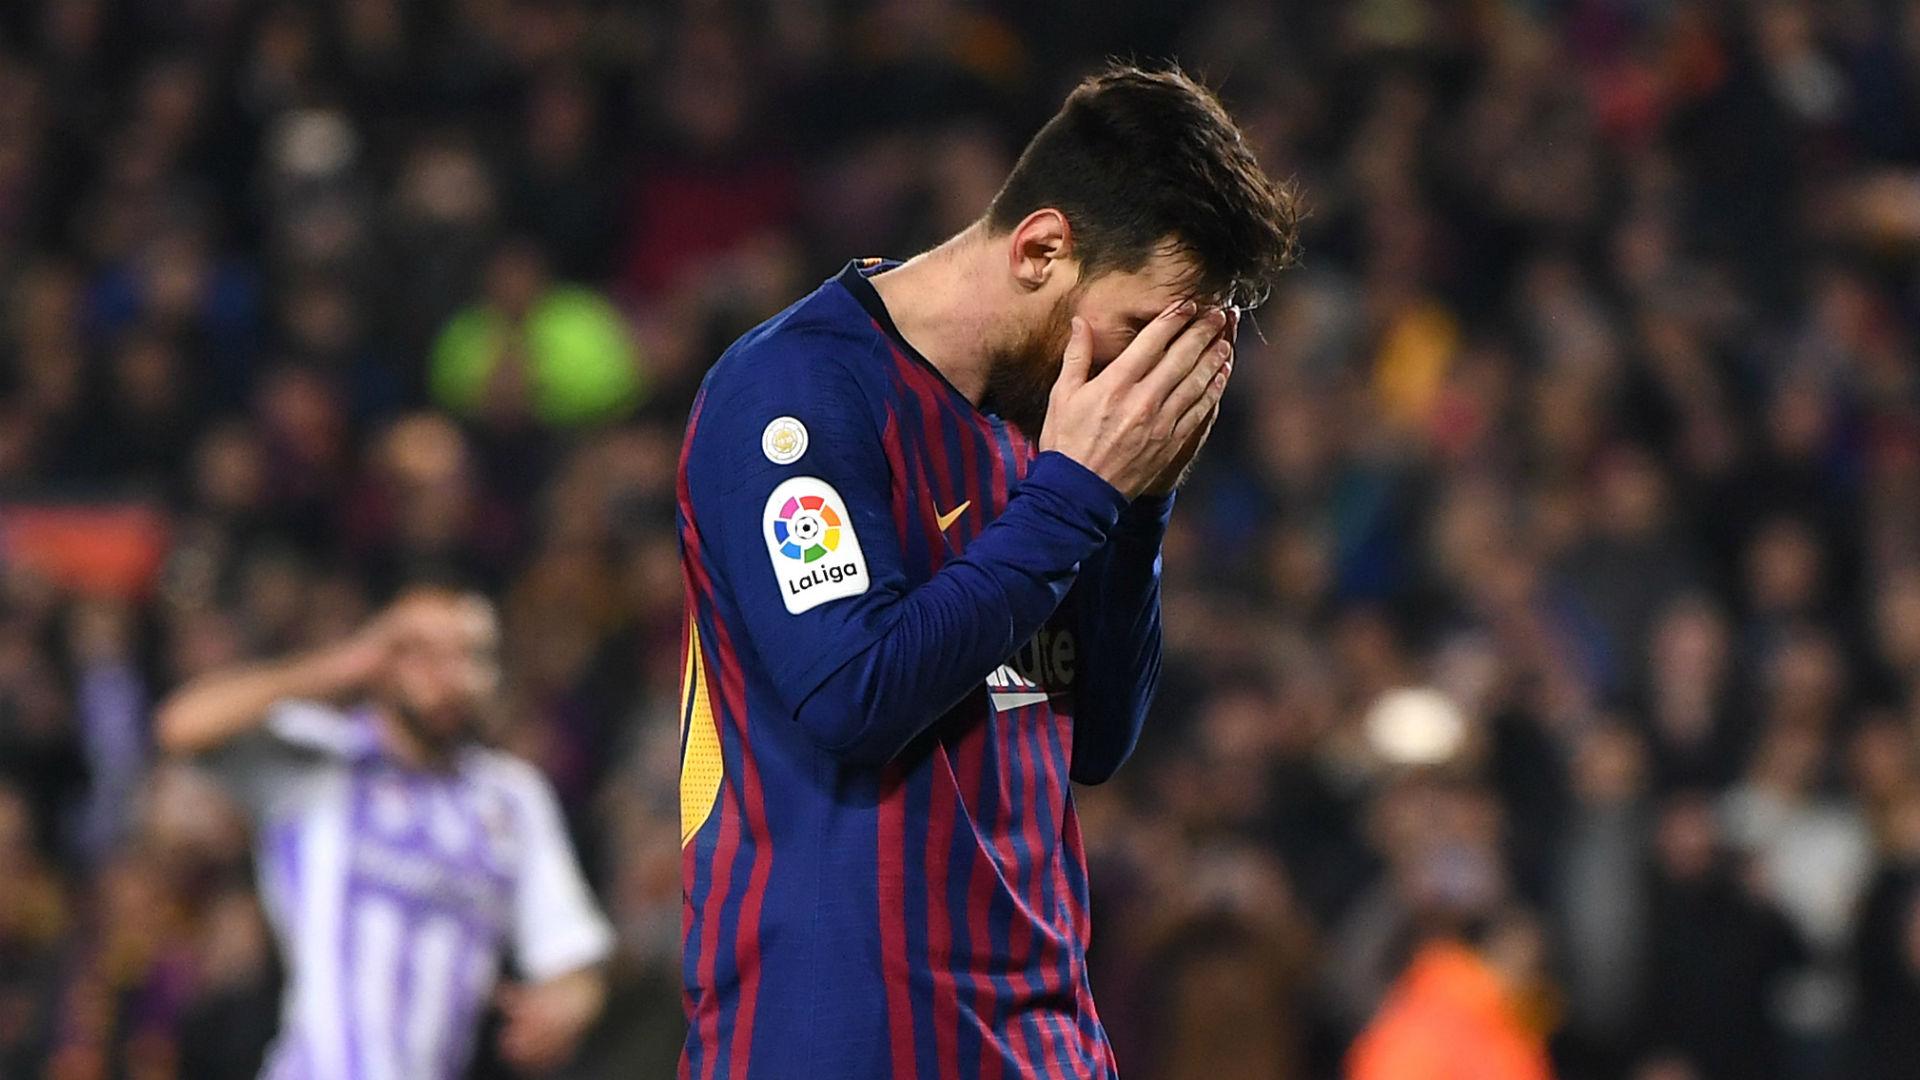 梅西点球罚失 巴尔韦德不担心:他是最安全的选择